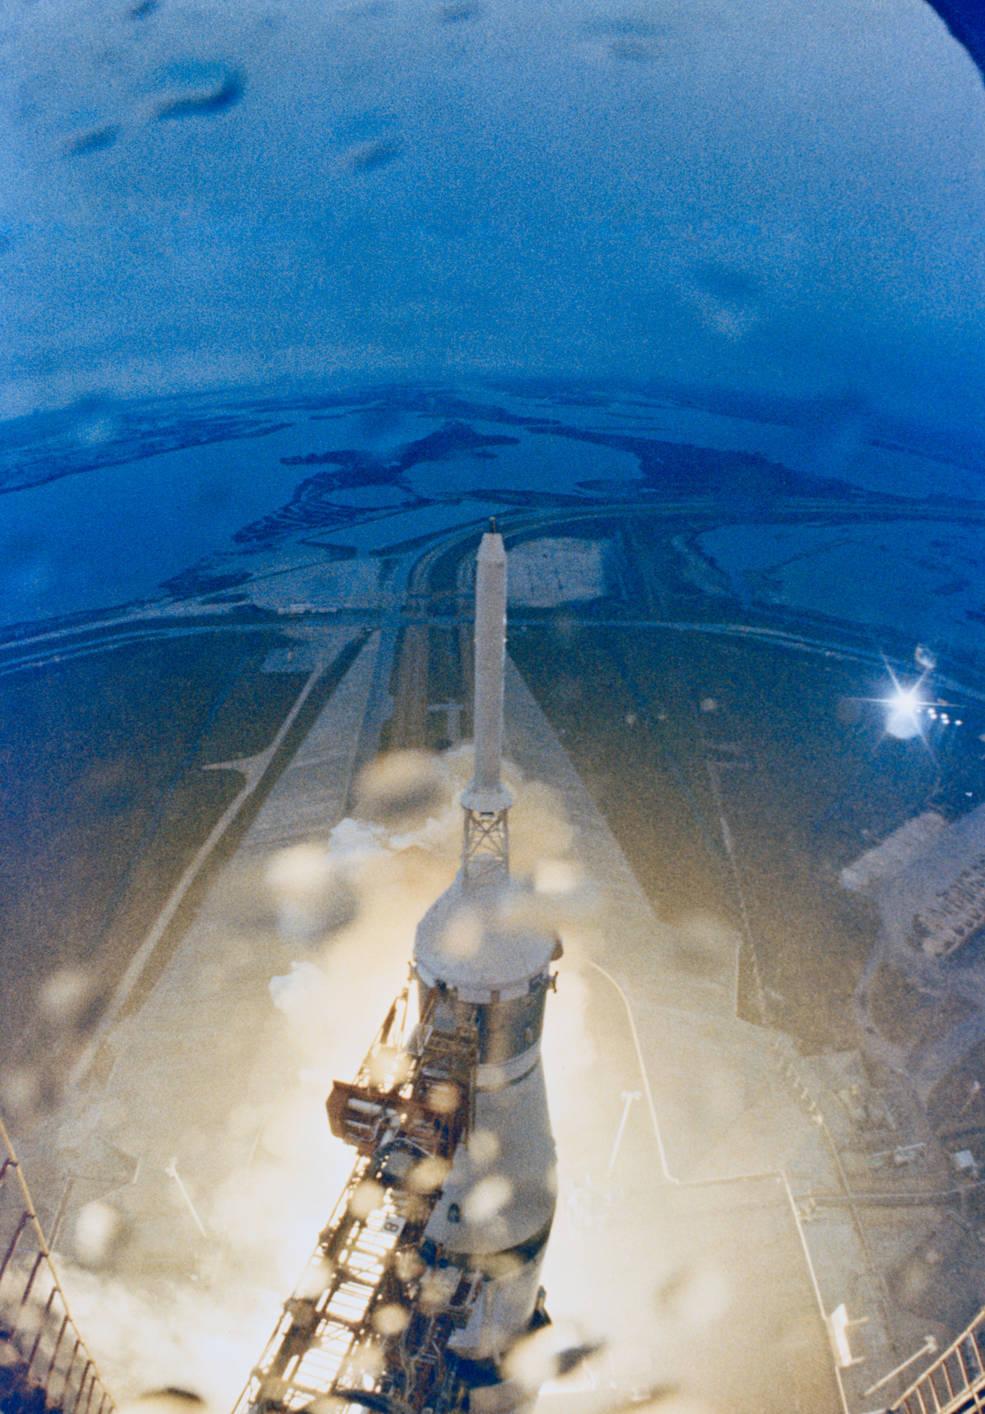 apollo_12_launch_from_lut_seq_1_nov_14_1969